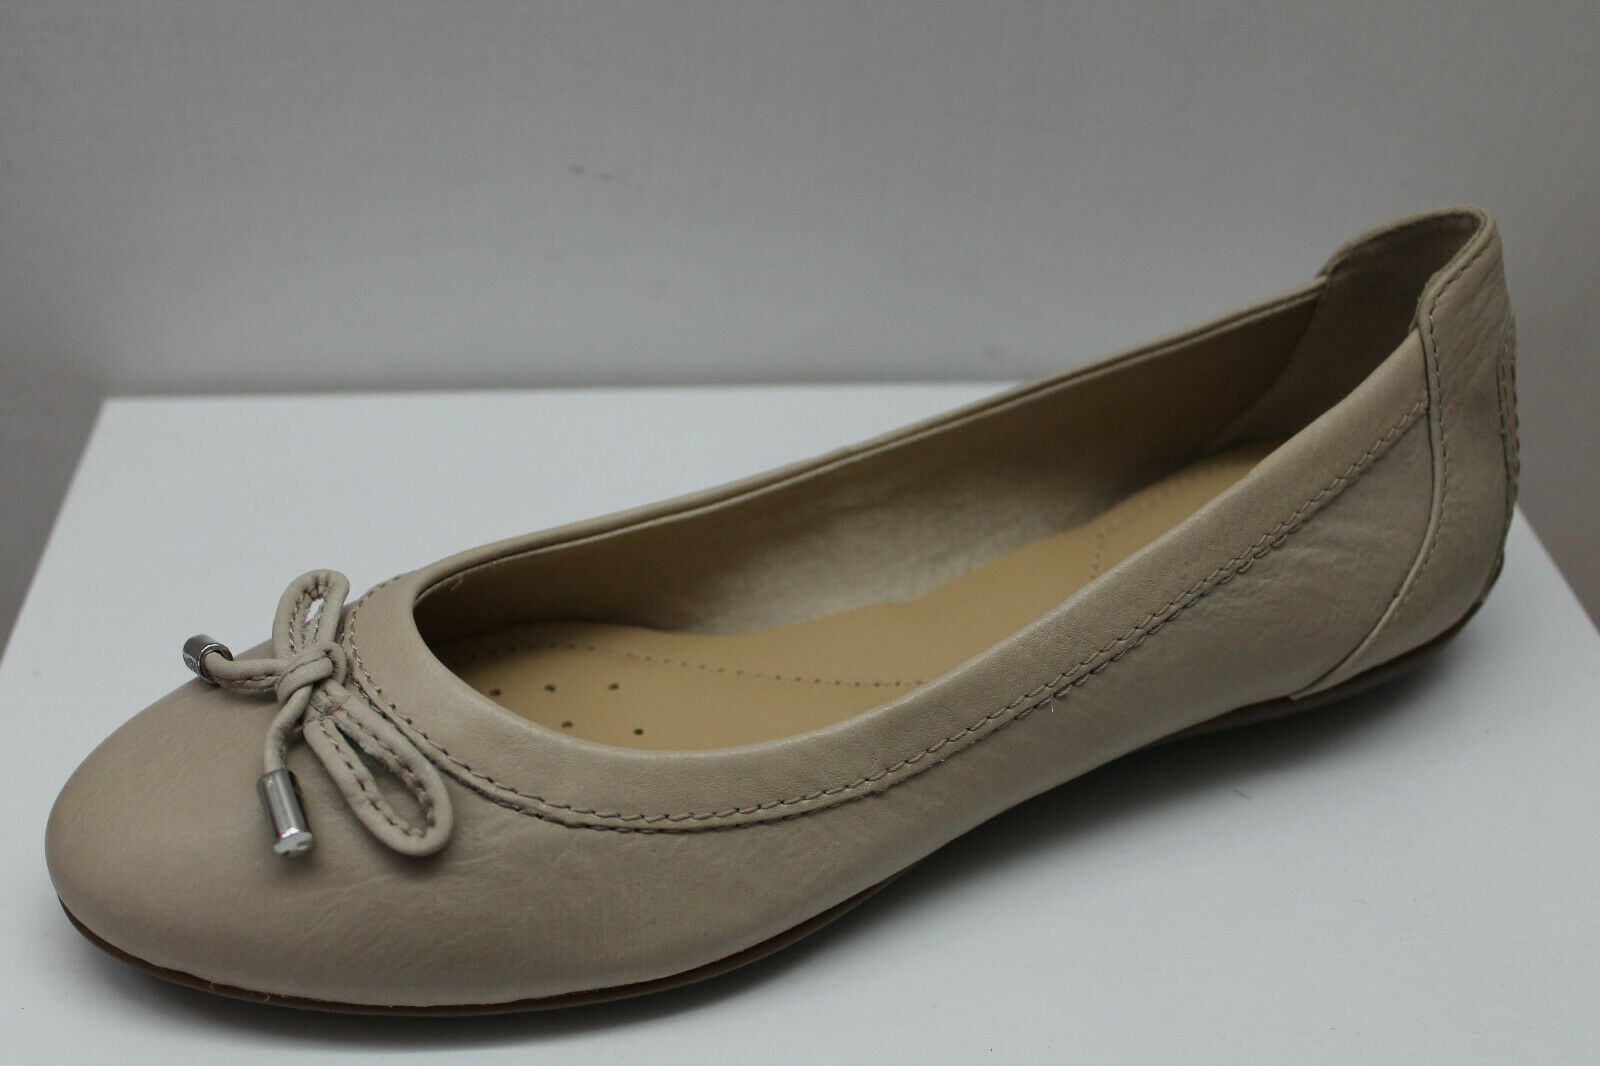 Ballerinas geox D Charlene to Beige Leather List  79,90 - 20%